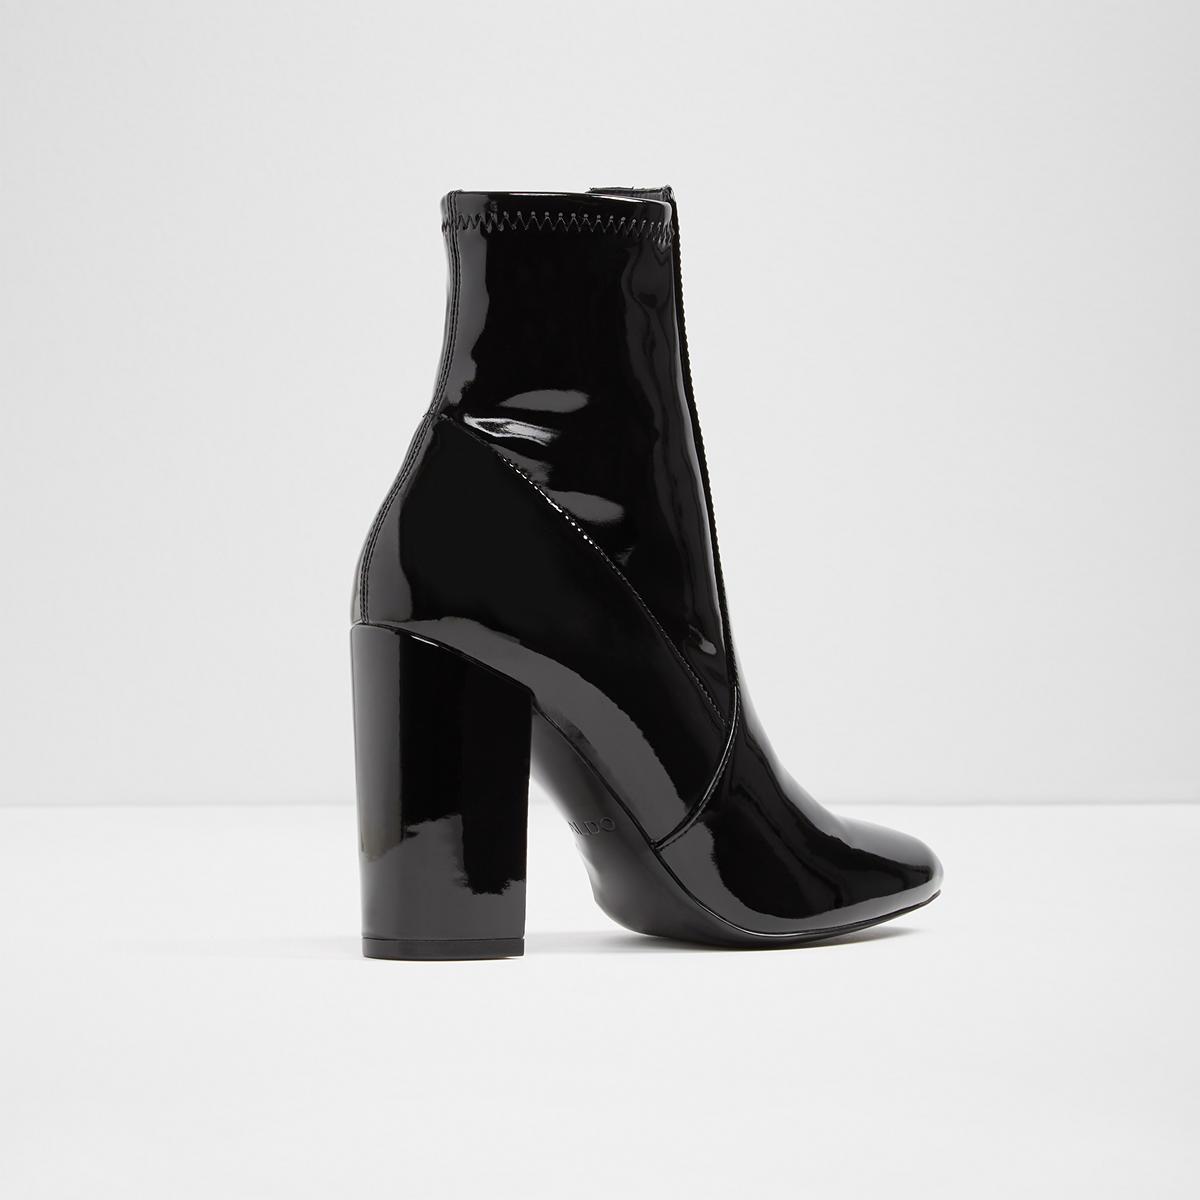 675d7e477a8d Aldo Shoes Womens Patent Leather Heels Color Black Size 9